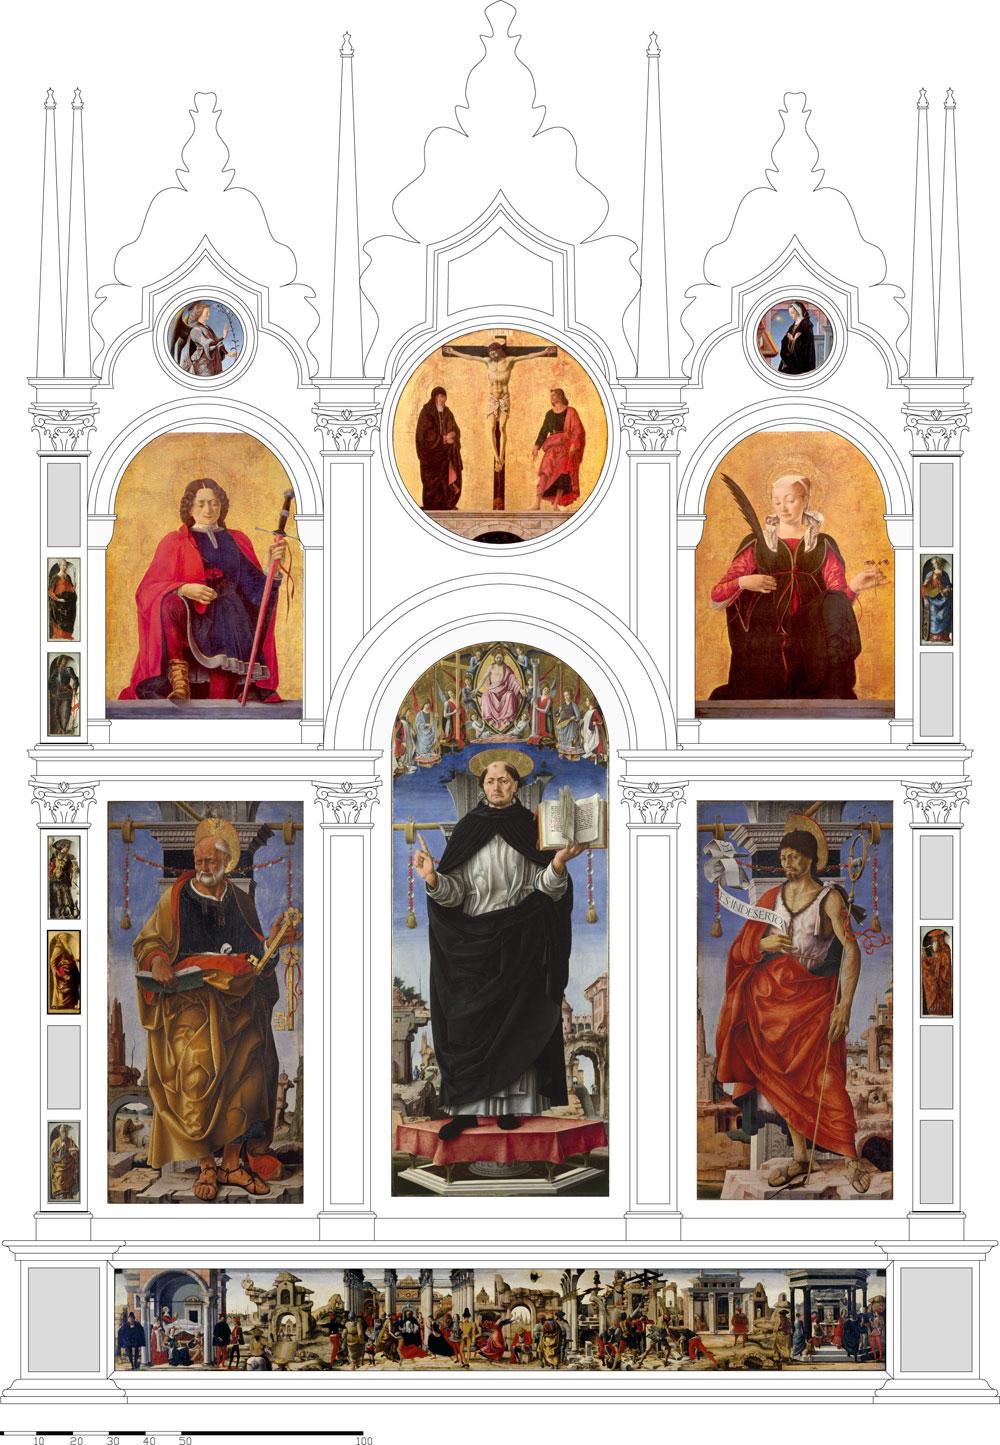 Si riunisce a Bologna, dopo 300 anni, il Polittico Griffoni, capolavoro di Francesco del Cossa ed Ercole de' Roberti